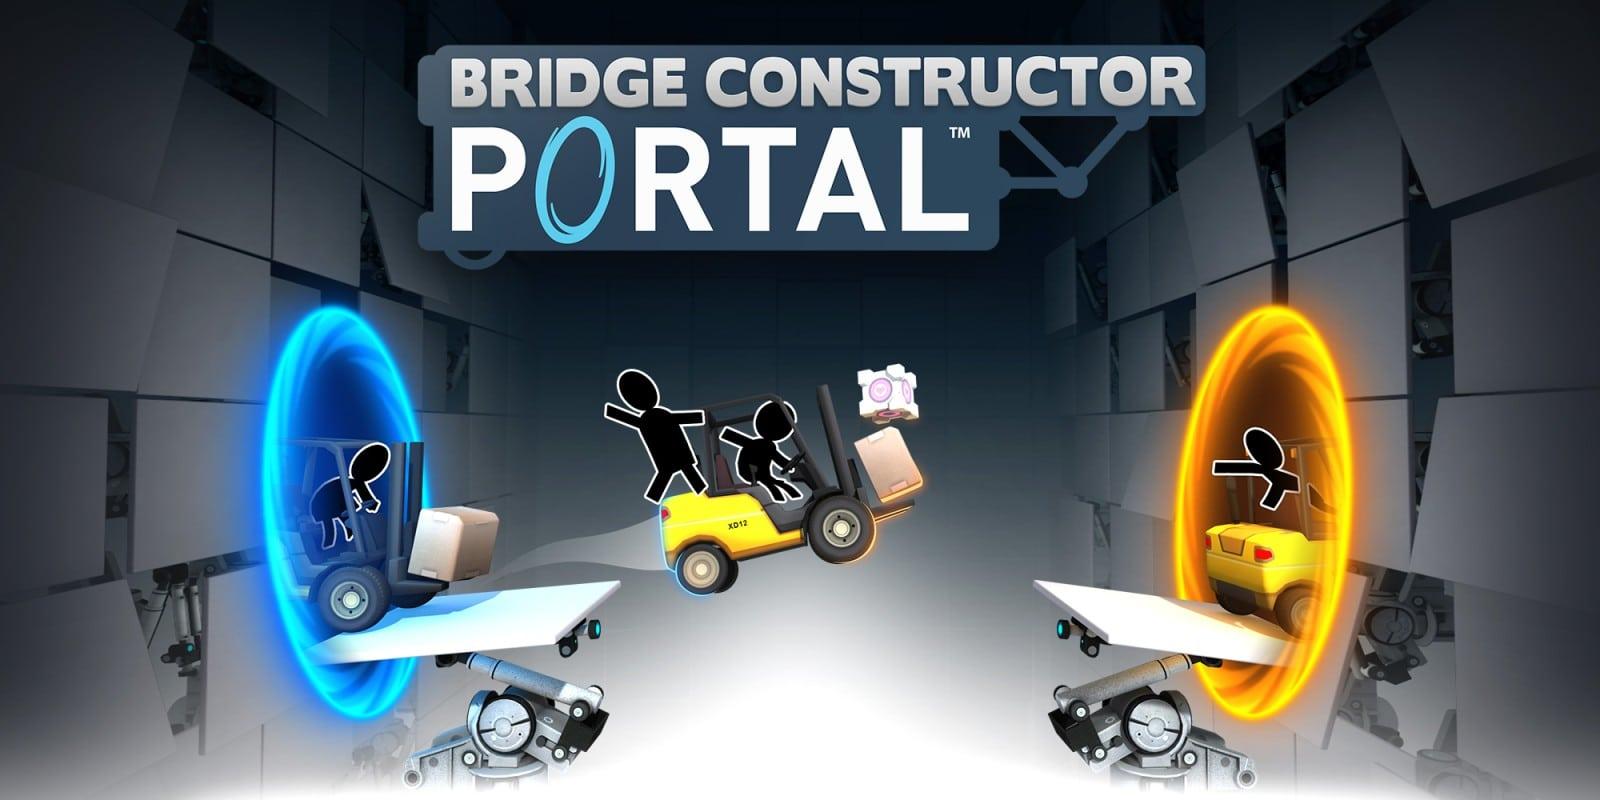 Bridge Constructor Portal llegará a las tiendas este verano para Xbox One y Playstation 4